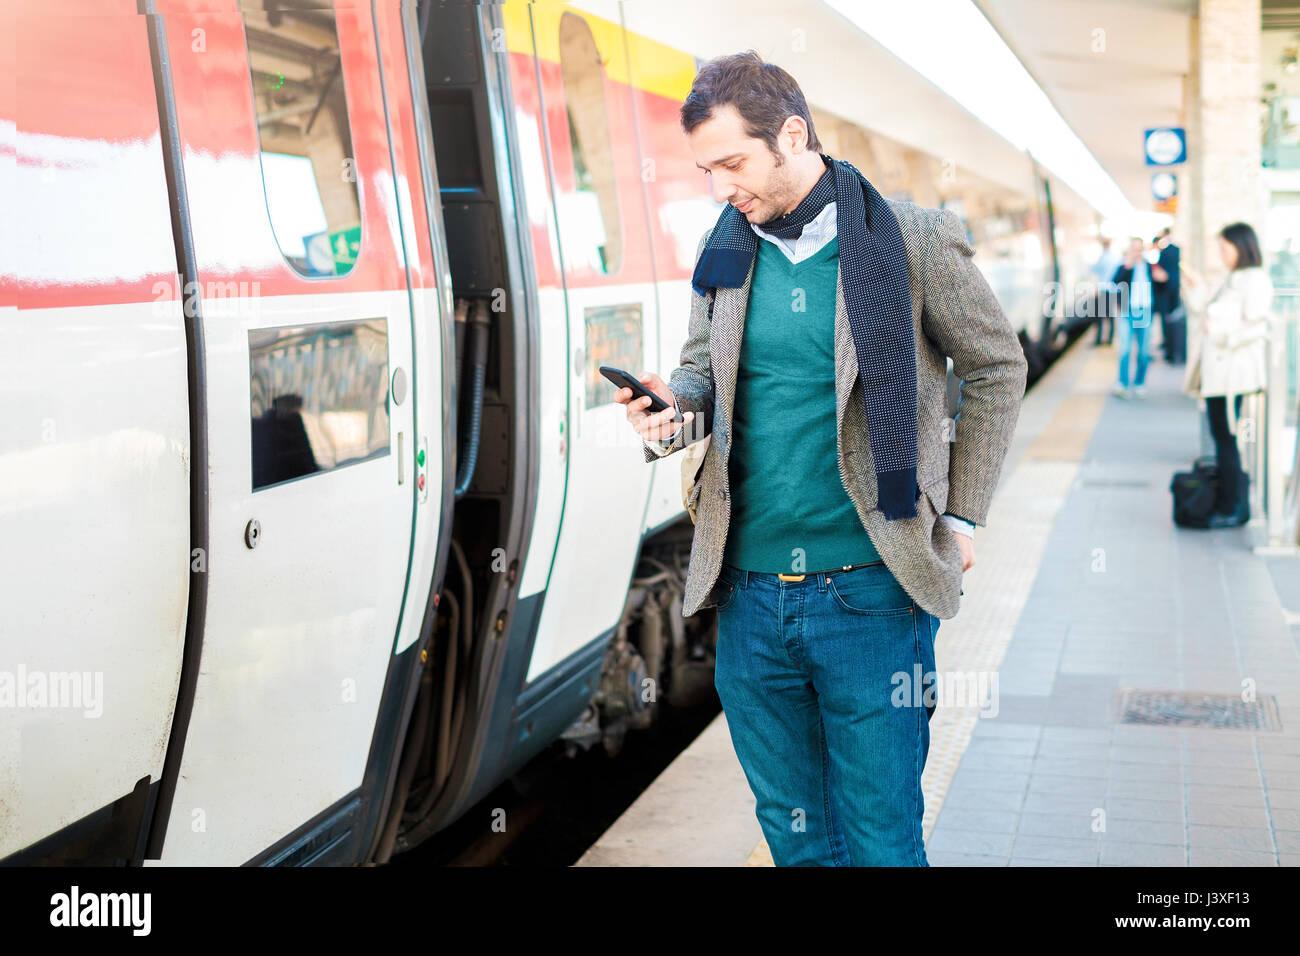 Stehender Mann warten auf den Zug in einem Bahnhof Bahnsteig Stockbild